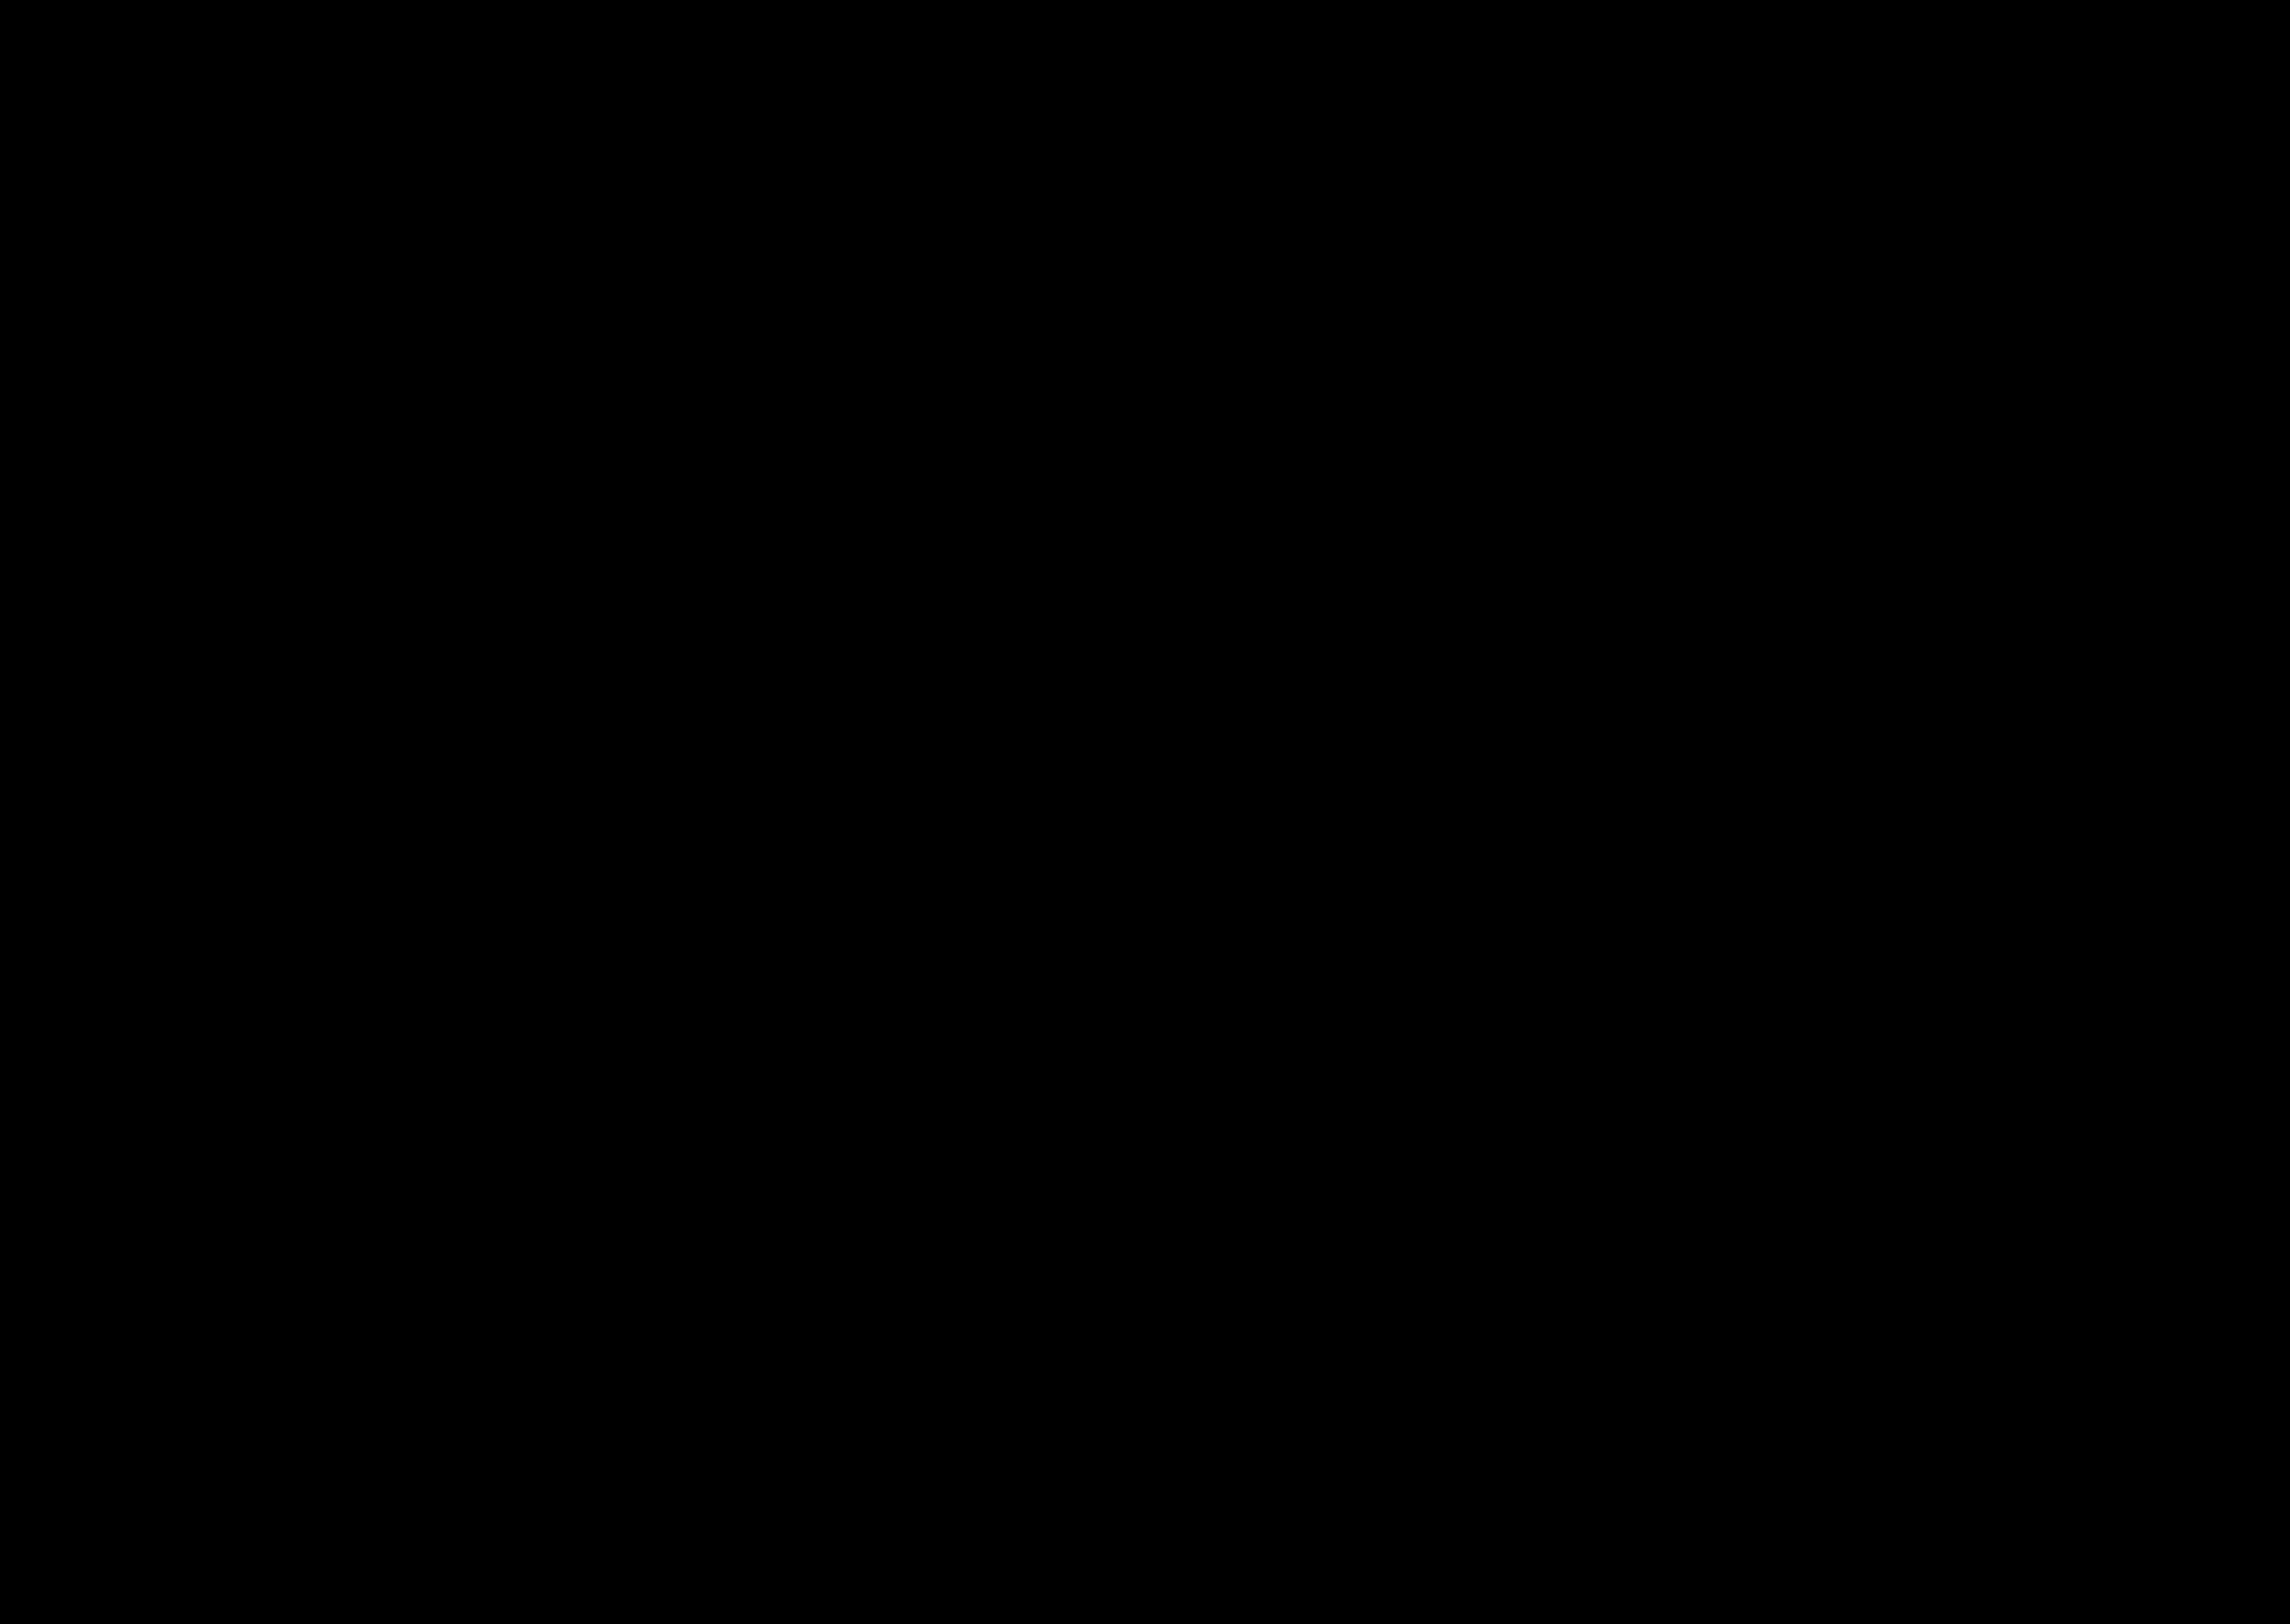 8314eec86 Print ad: Honda Moto: Midkife Crisis